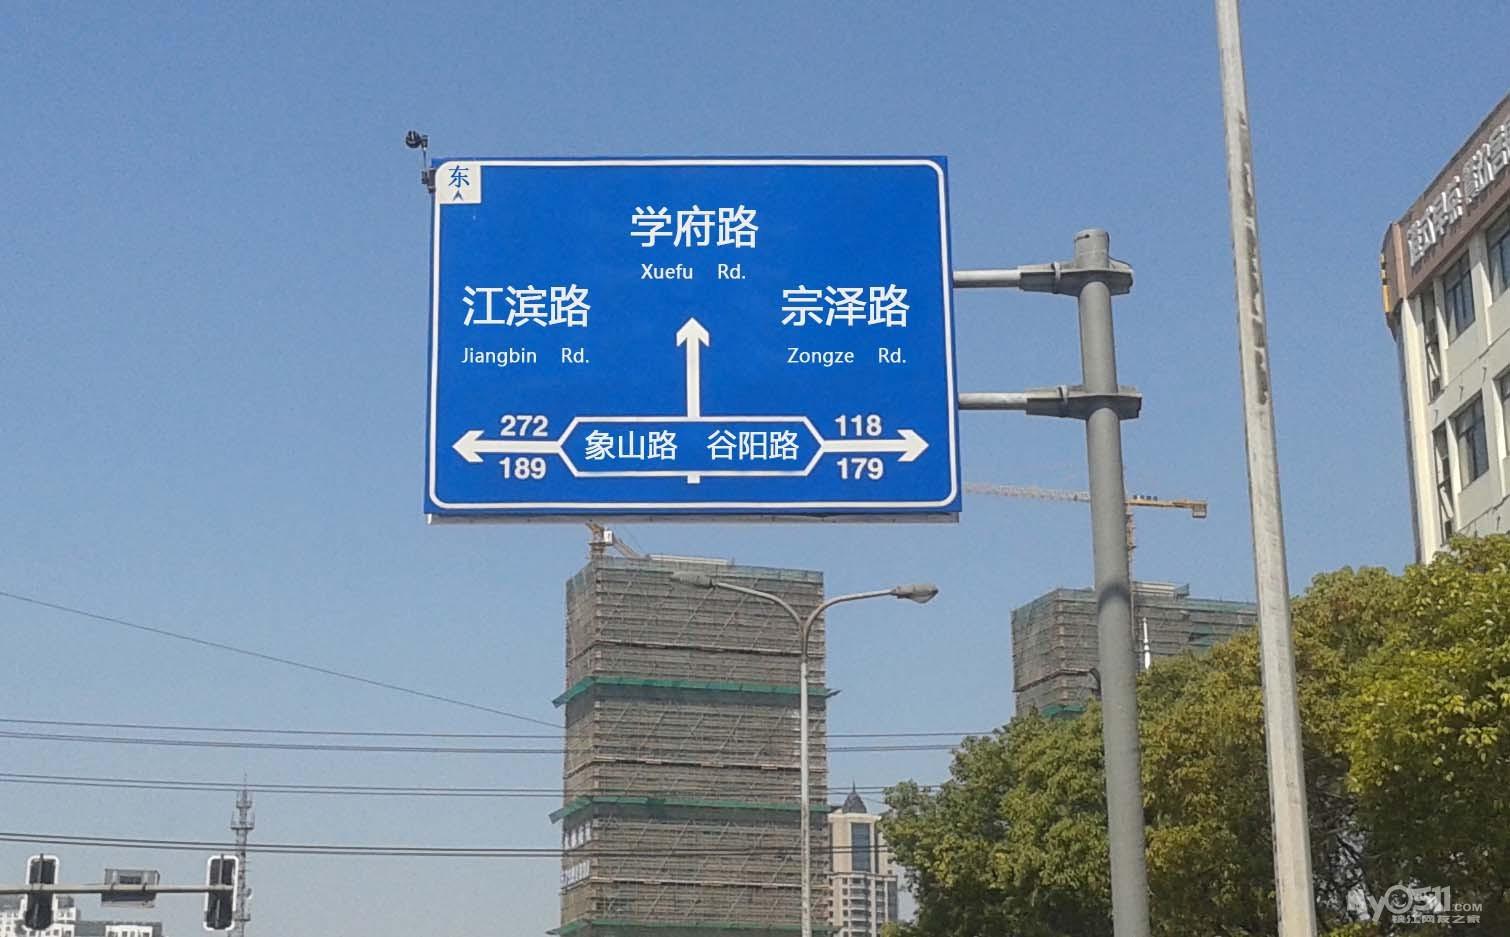 交通标识图片